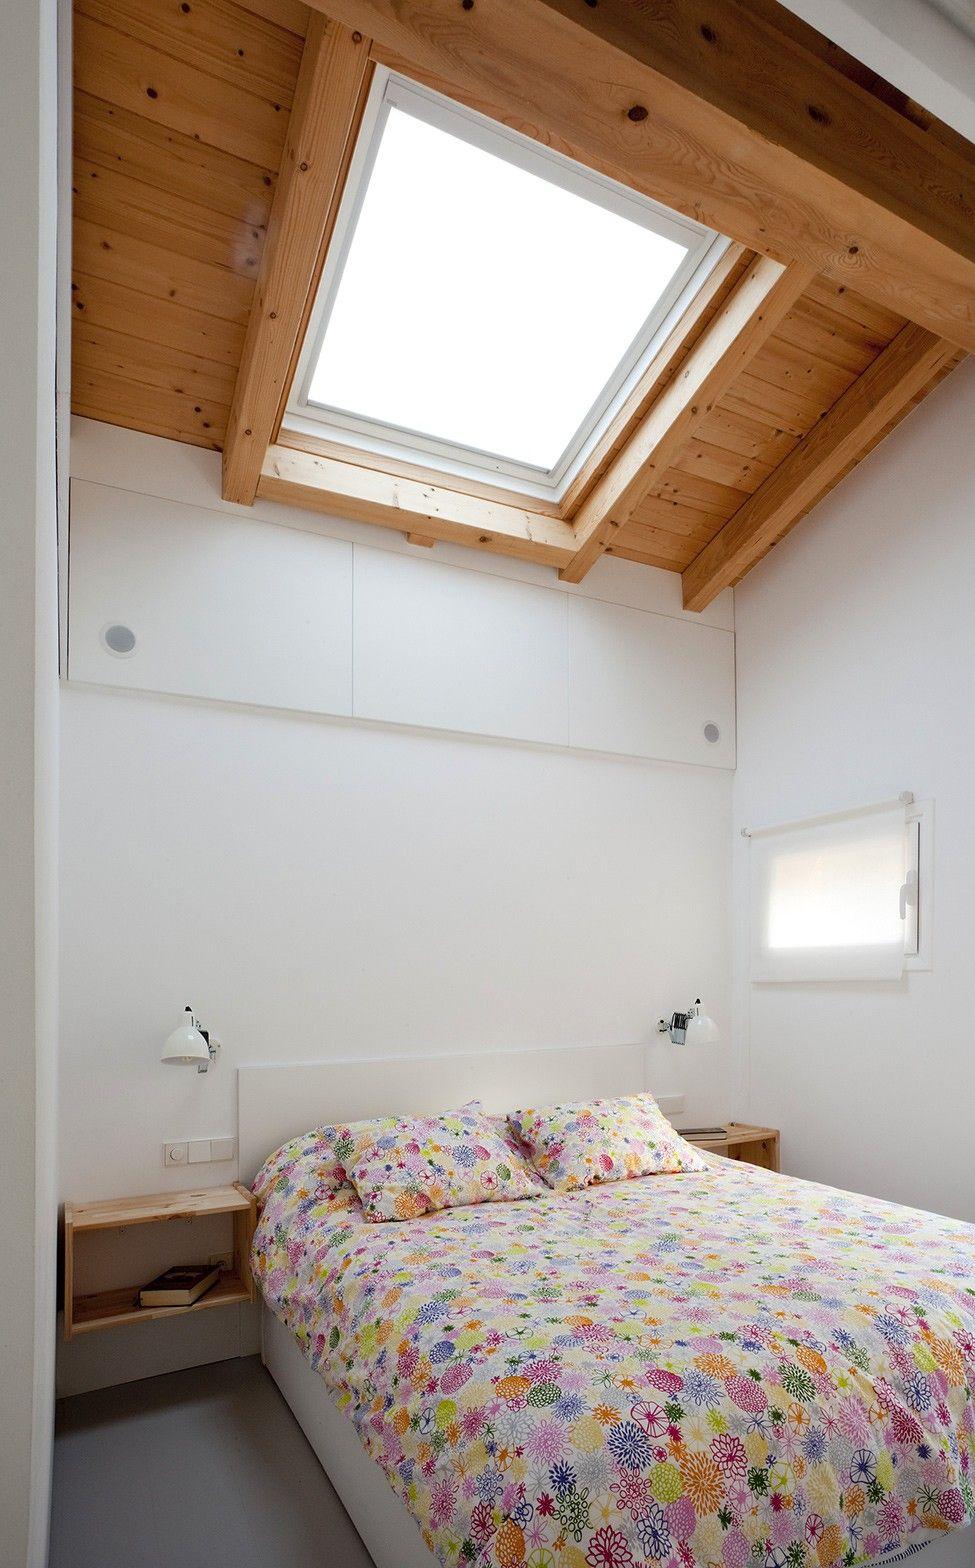 sehr kleines Schlafzimmer Gestaltung revolutionäre Raum kleines ...